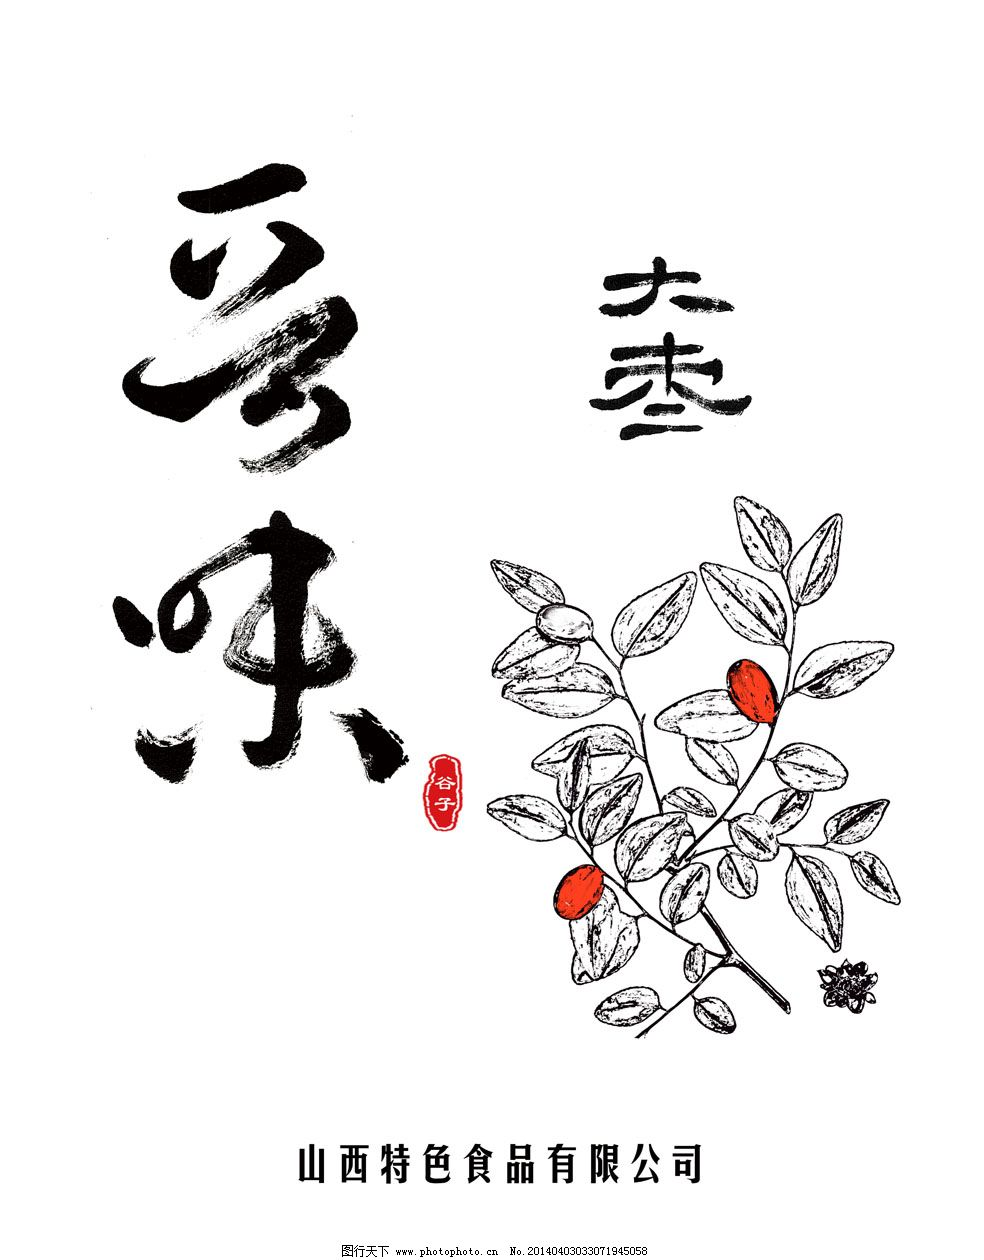 手绘大枣免费下载 大枣 手绘 叶子 植物 手绘 大枣 植物 叶子 psd源